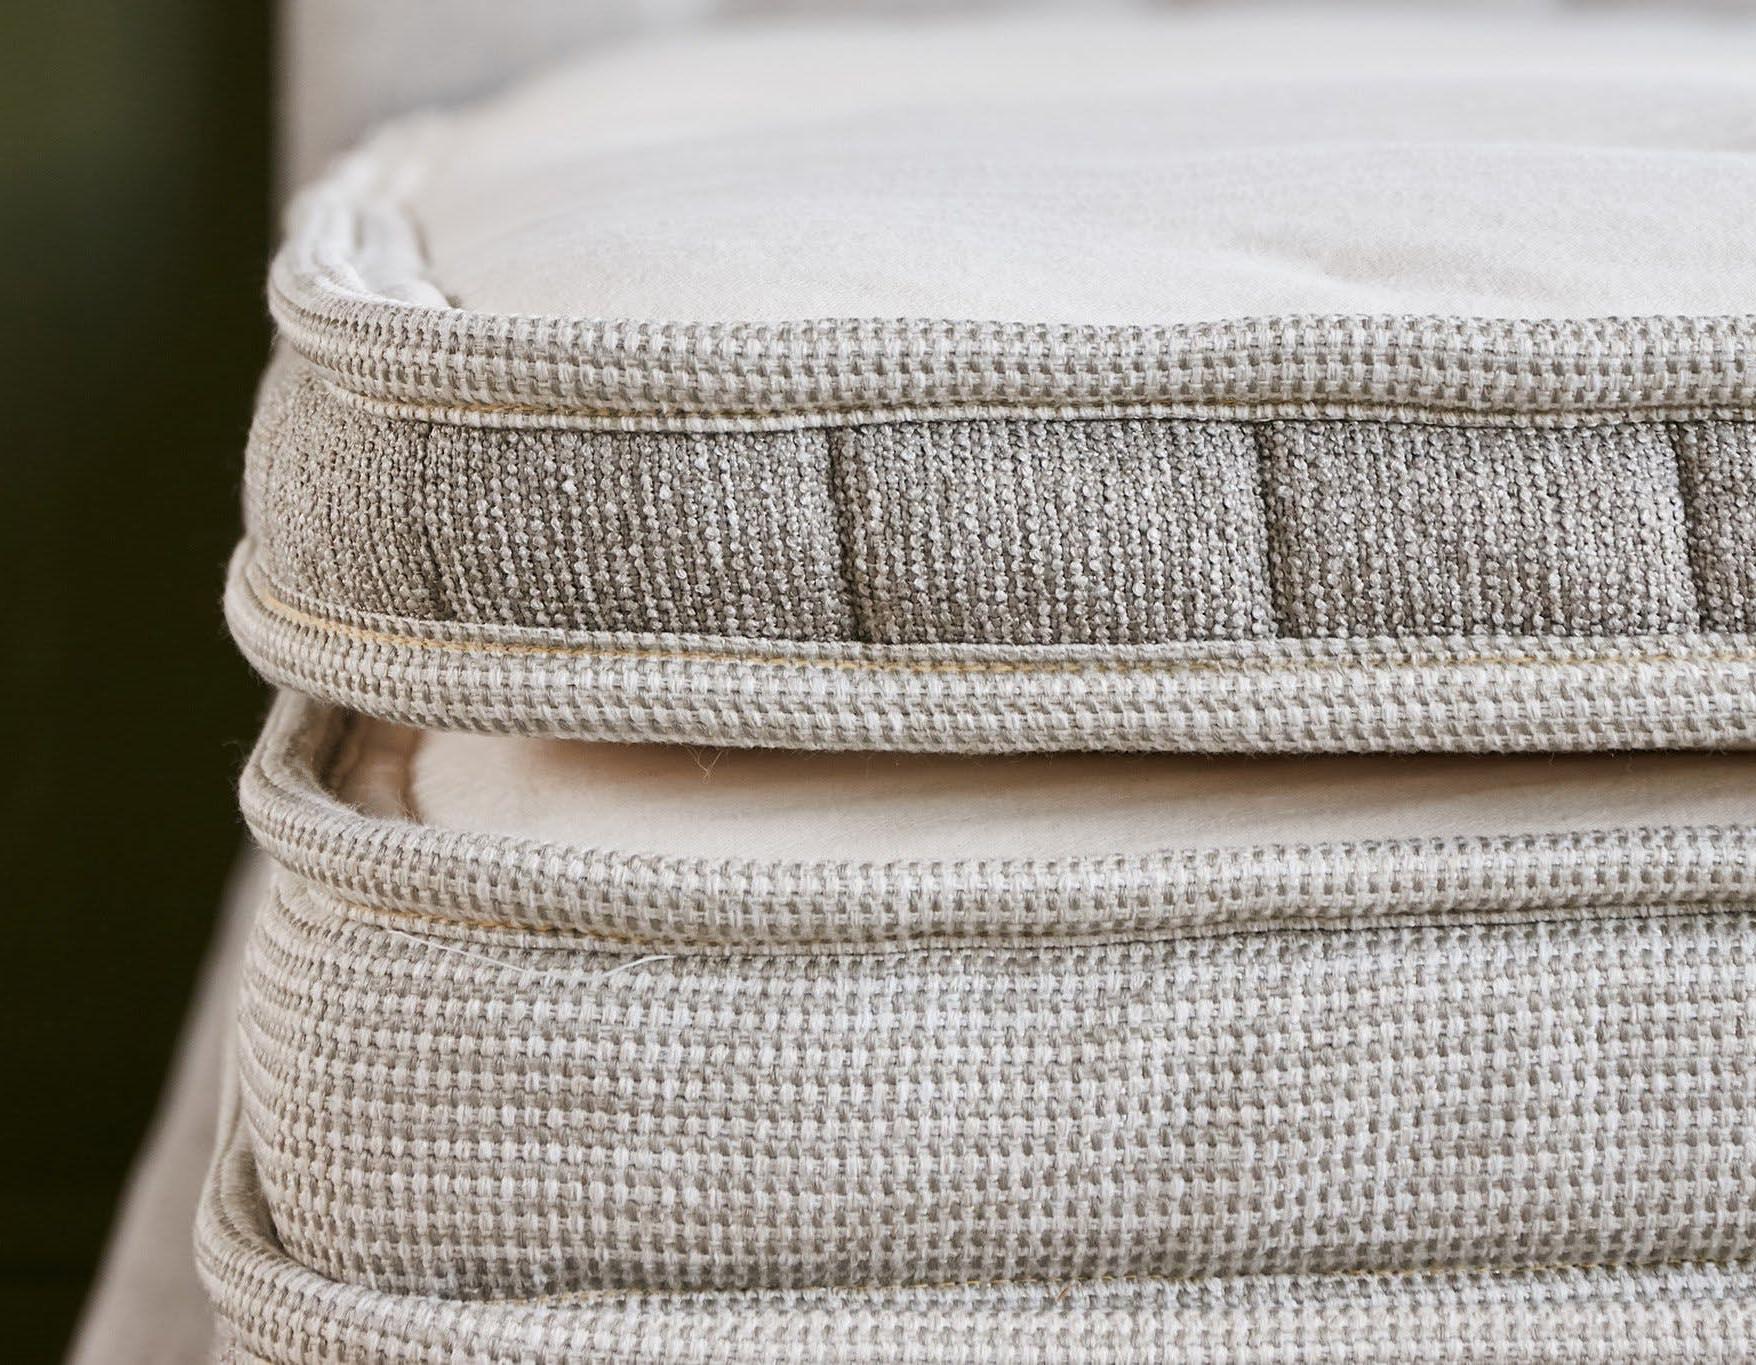 cedar natural latex mattress topper review